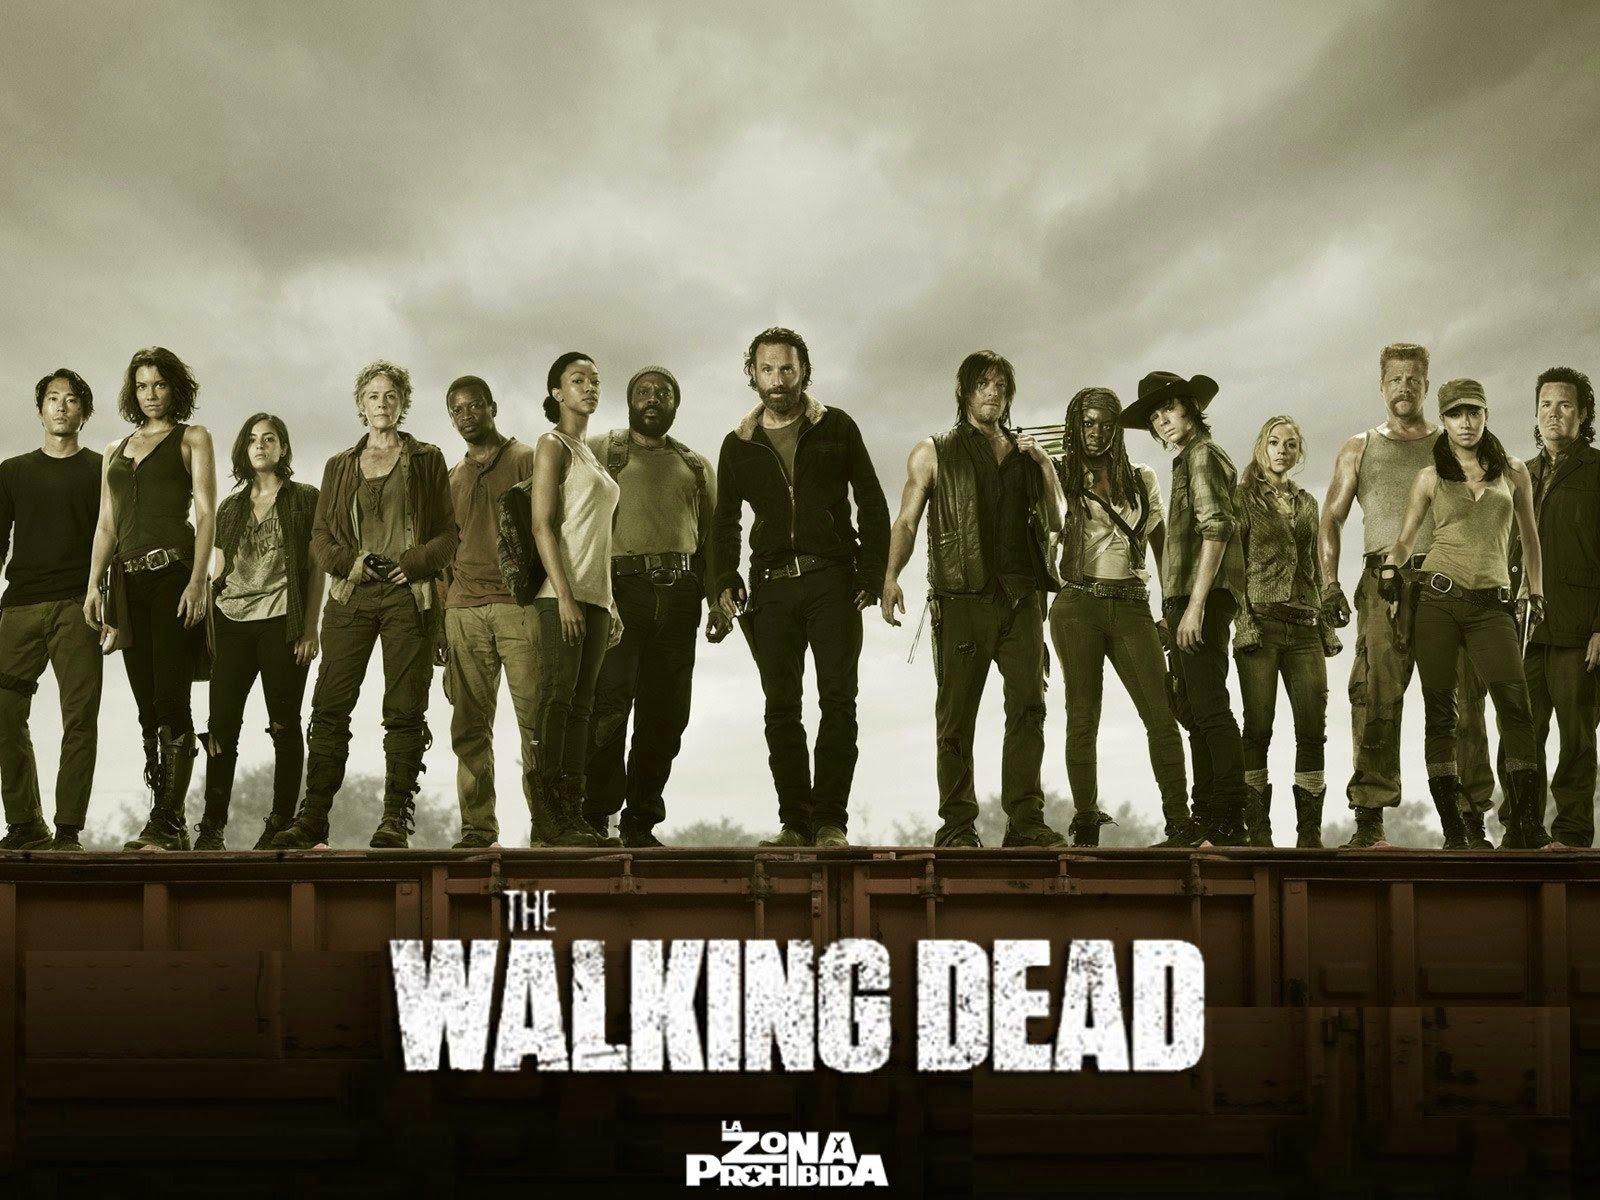 The Walking Dead Wallpapers: AMC The Walking Dead Wallpaper